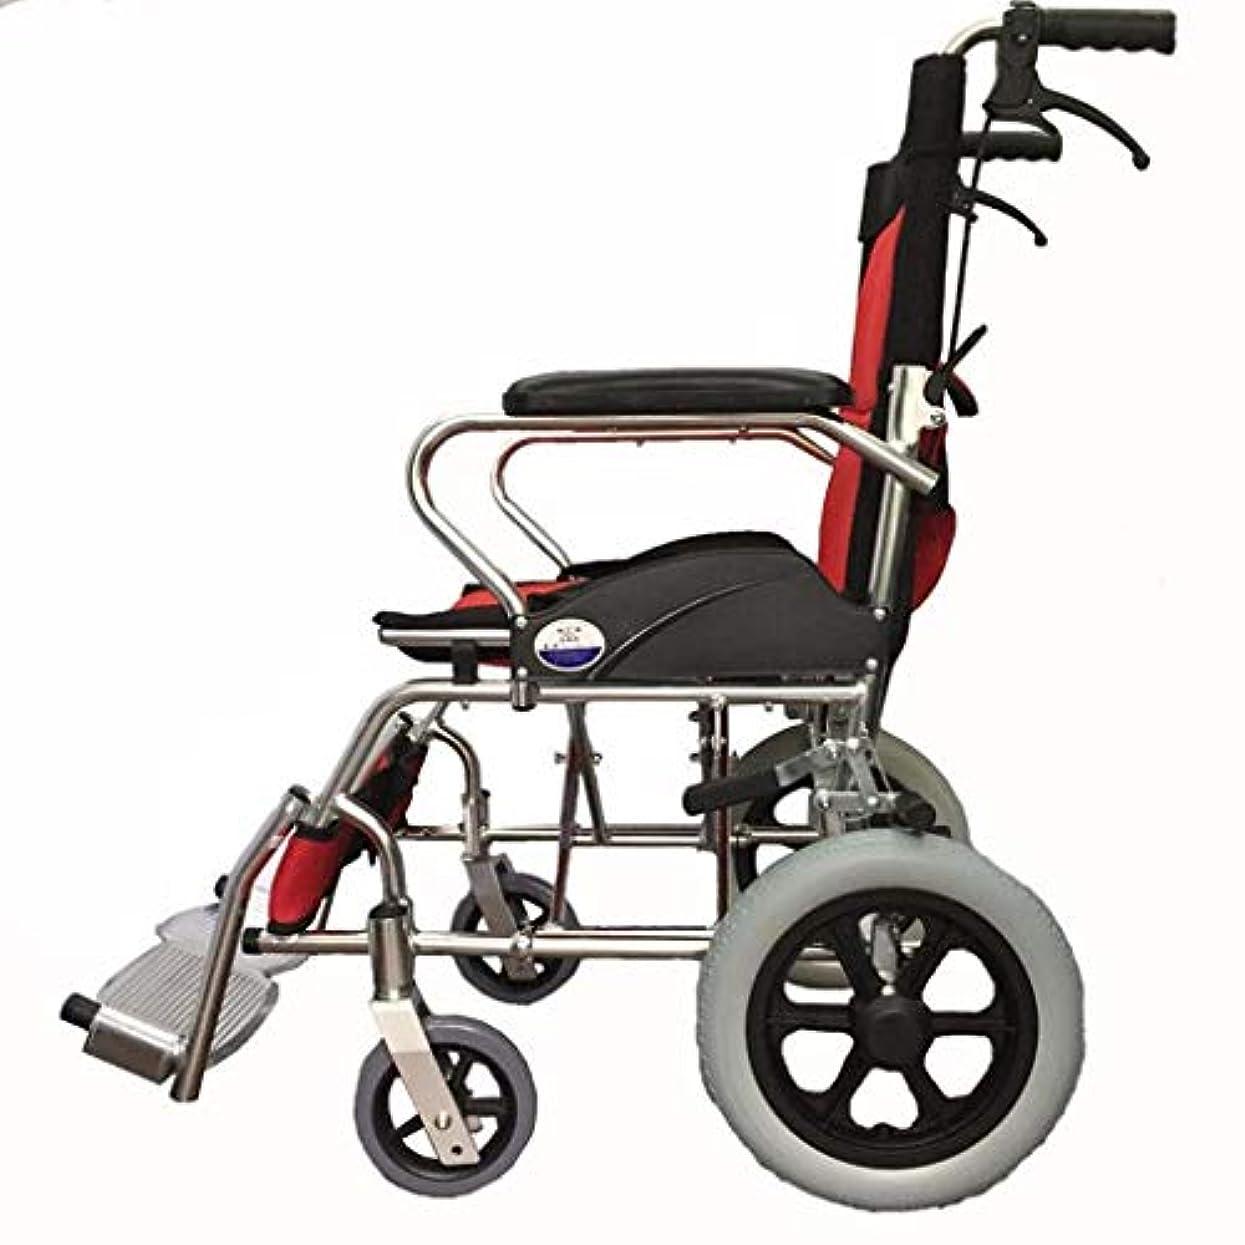 教師の日代理人歩道車椅子折りたたみ式、アルミ合金ポータブル手動車椅子、障害者、高齢者の屋外旅行に適しています